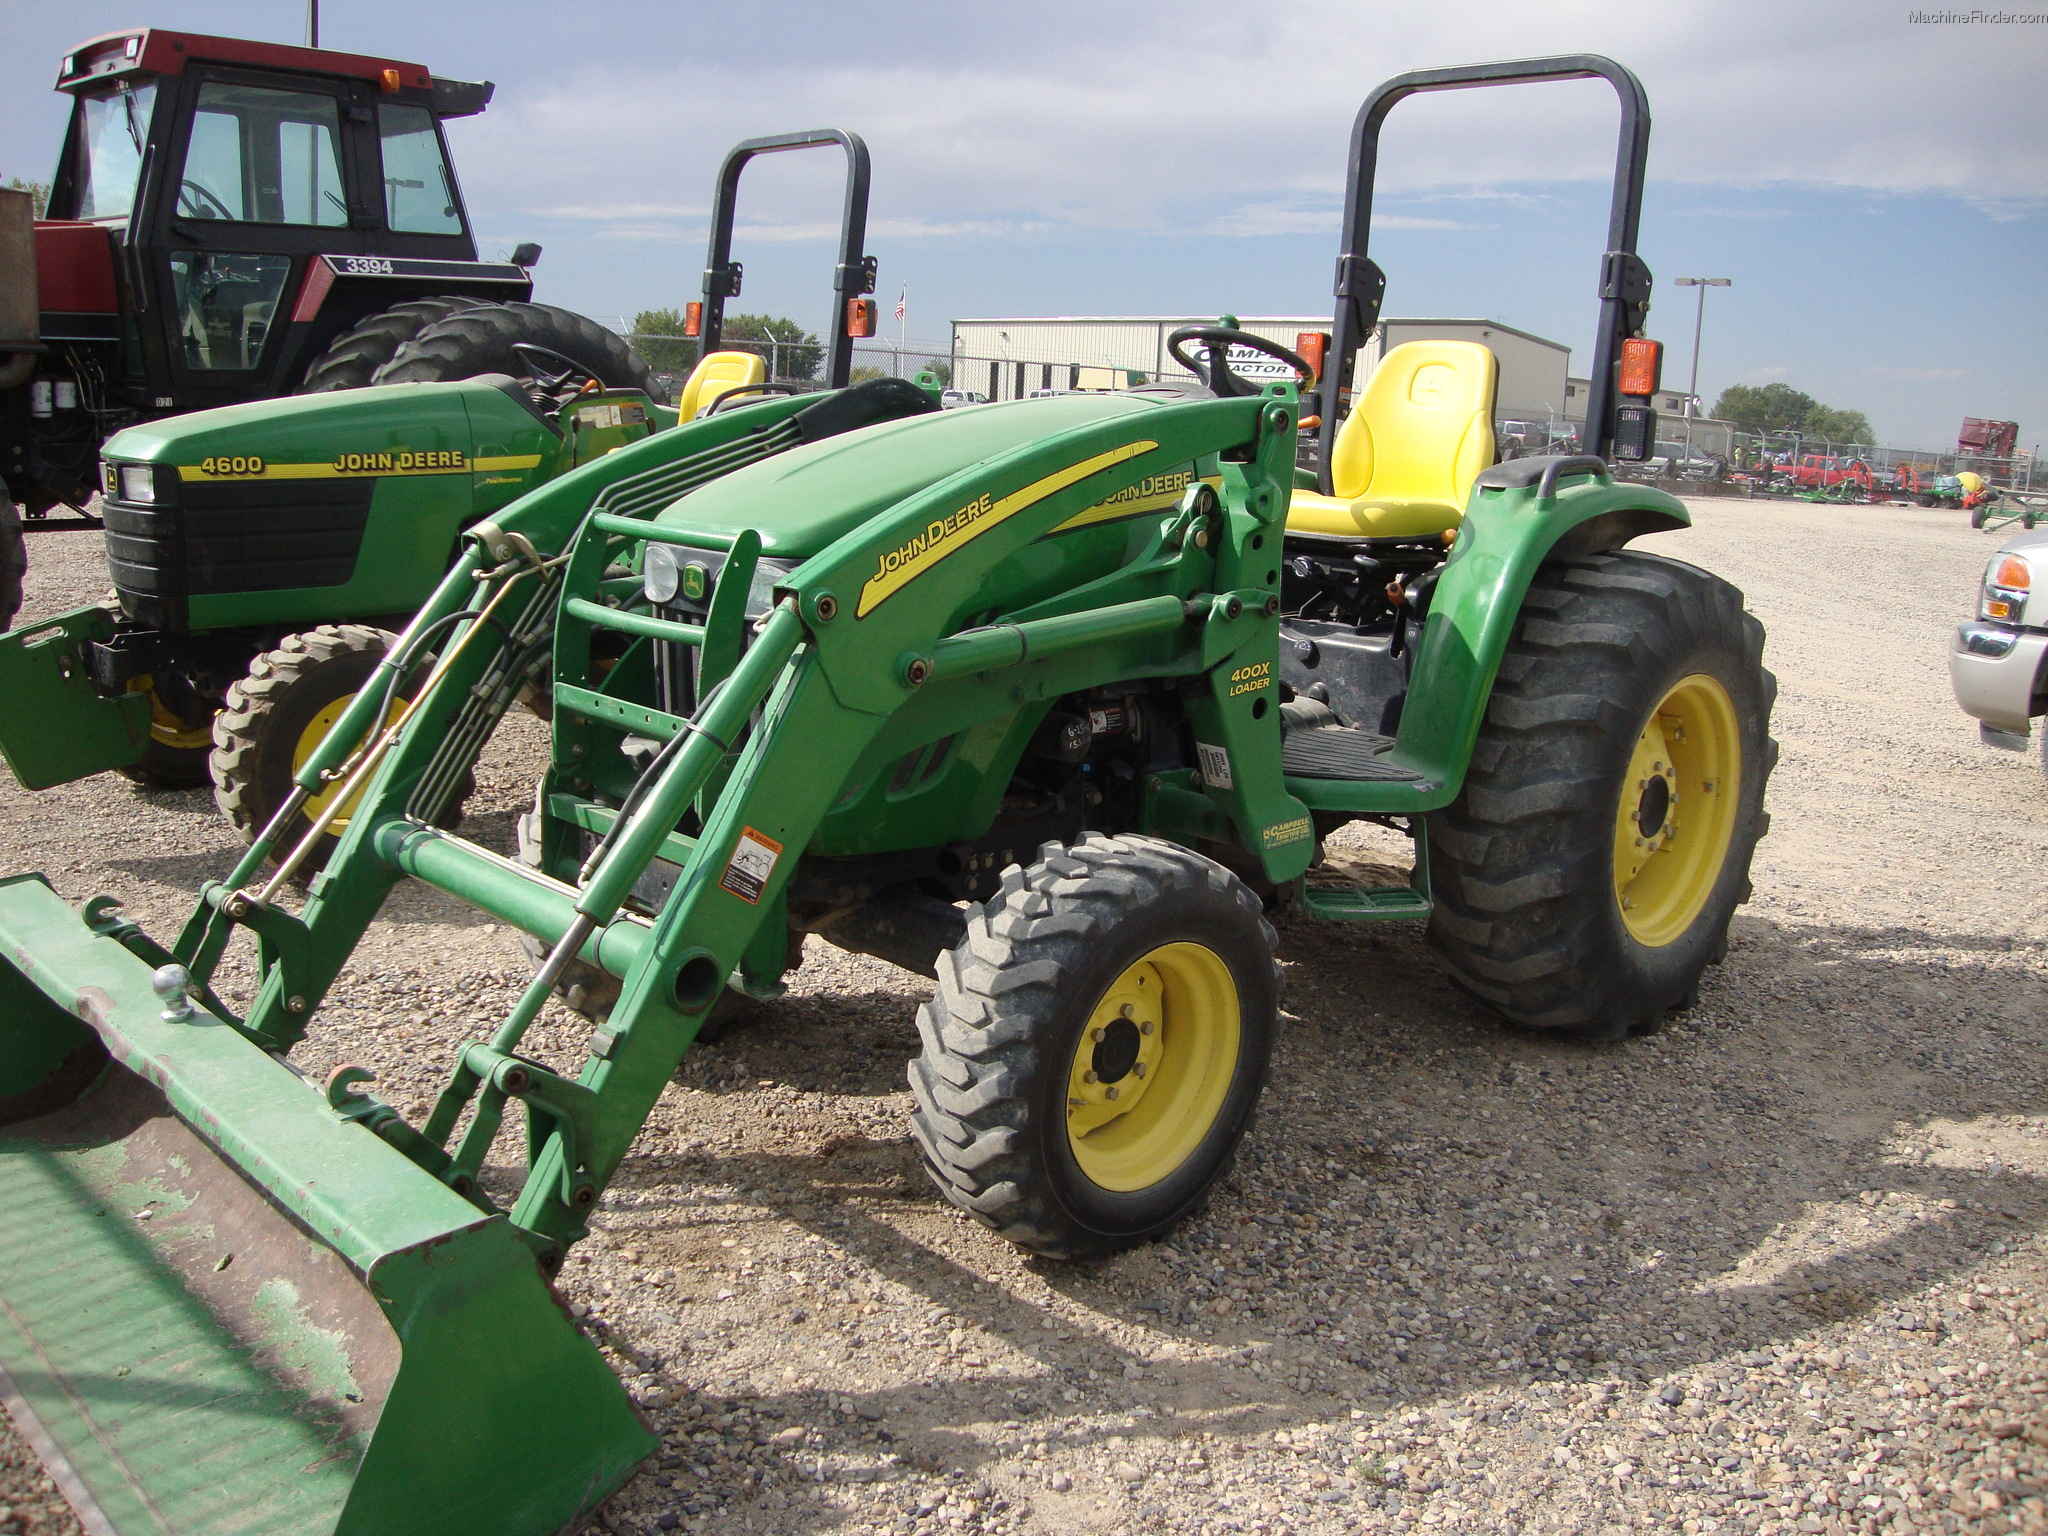 John Deere 4520 Tractors - Compact (1-40hp.) - John Deere ...